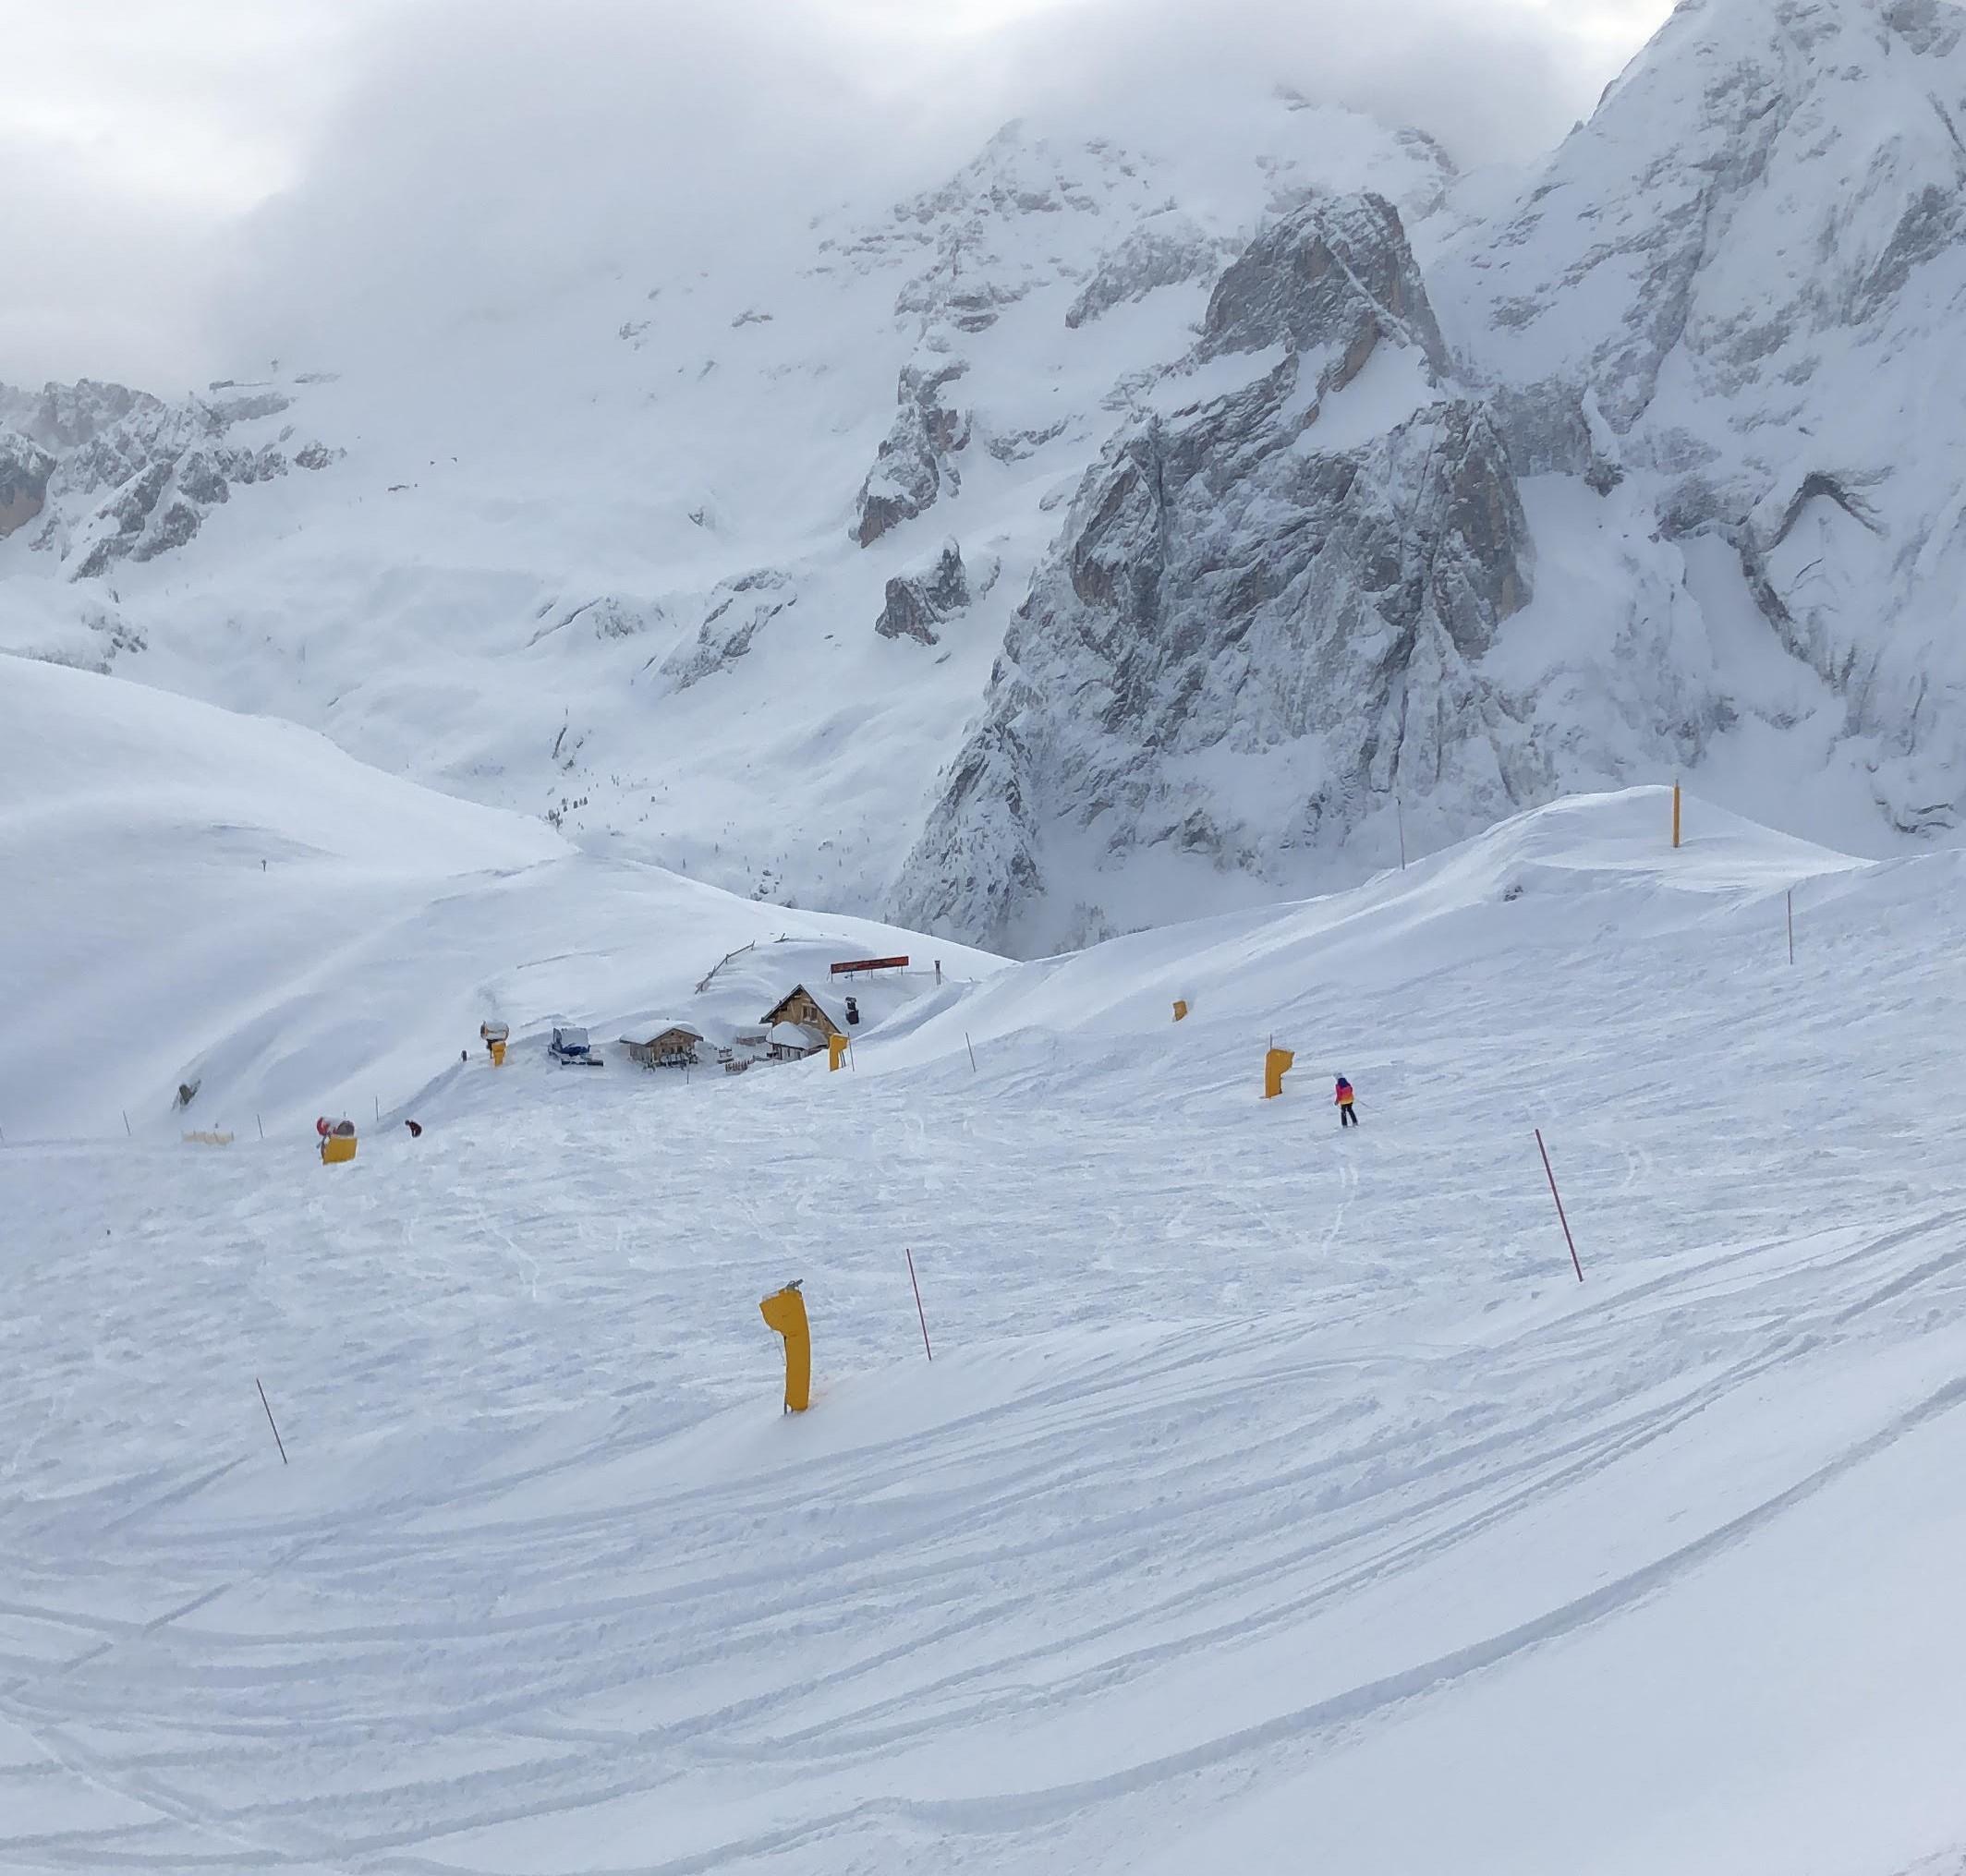 Arabba in Südtirol mit traumhaften Neuschnee